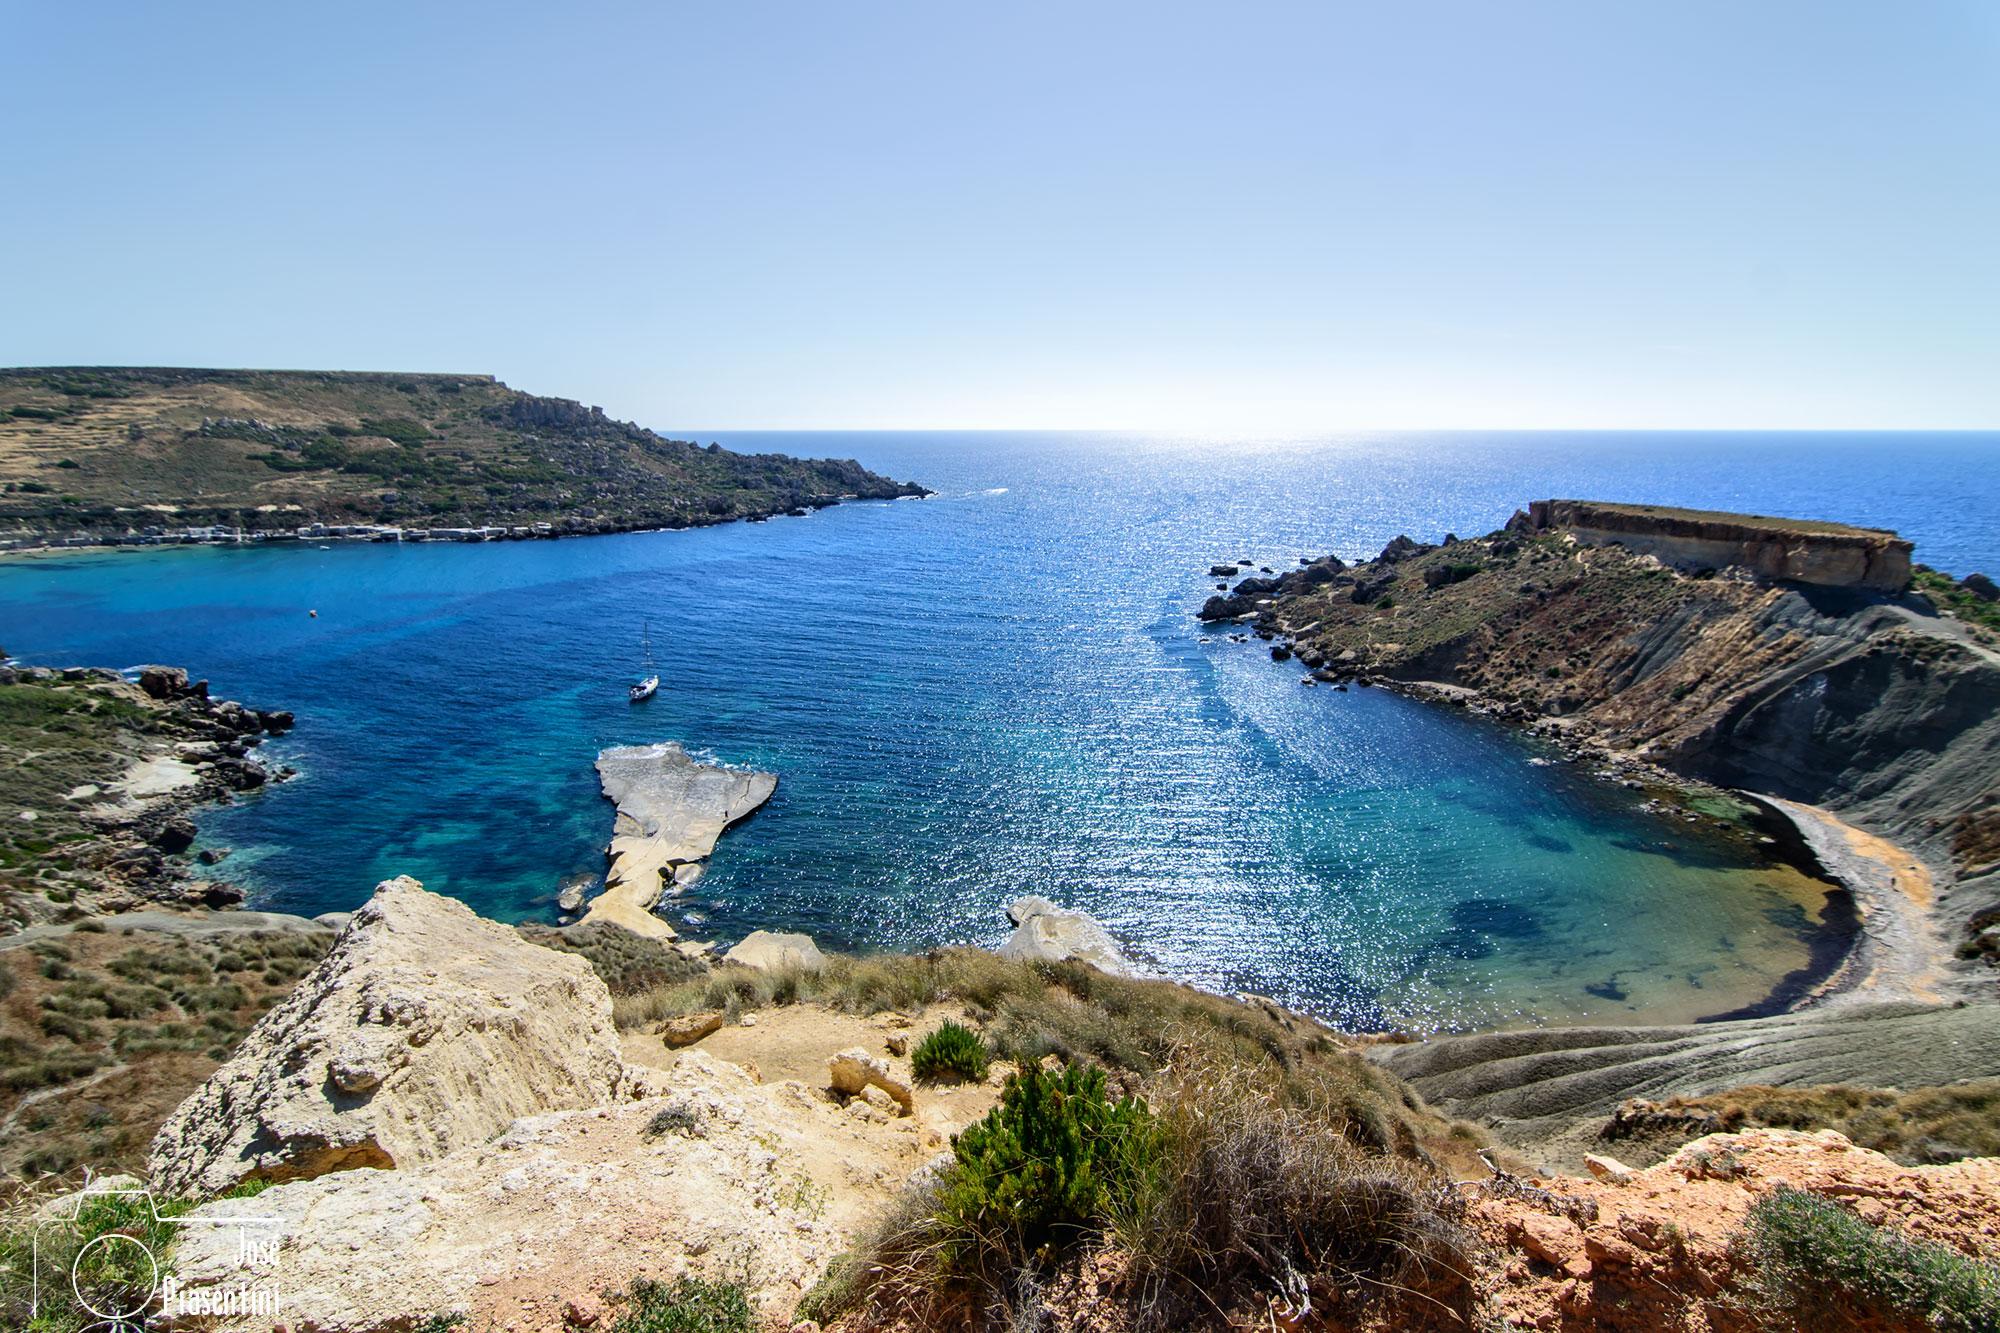 Malta, Golden Bay versus Sliema